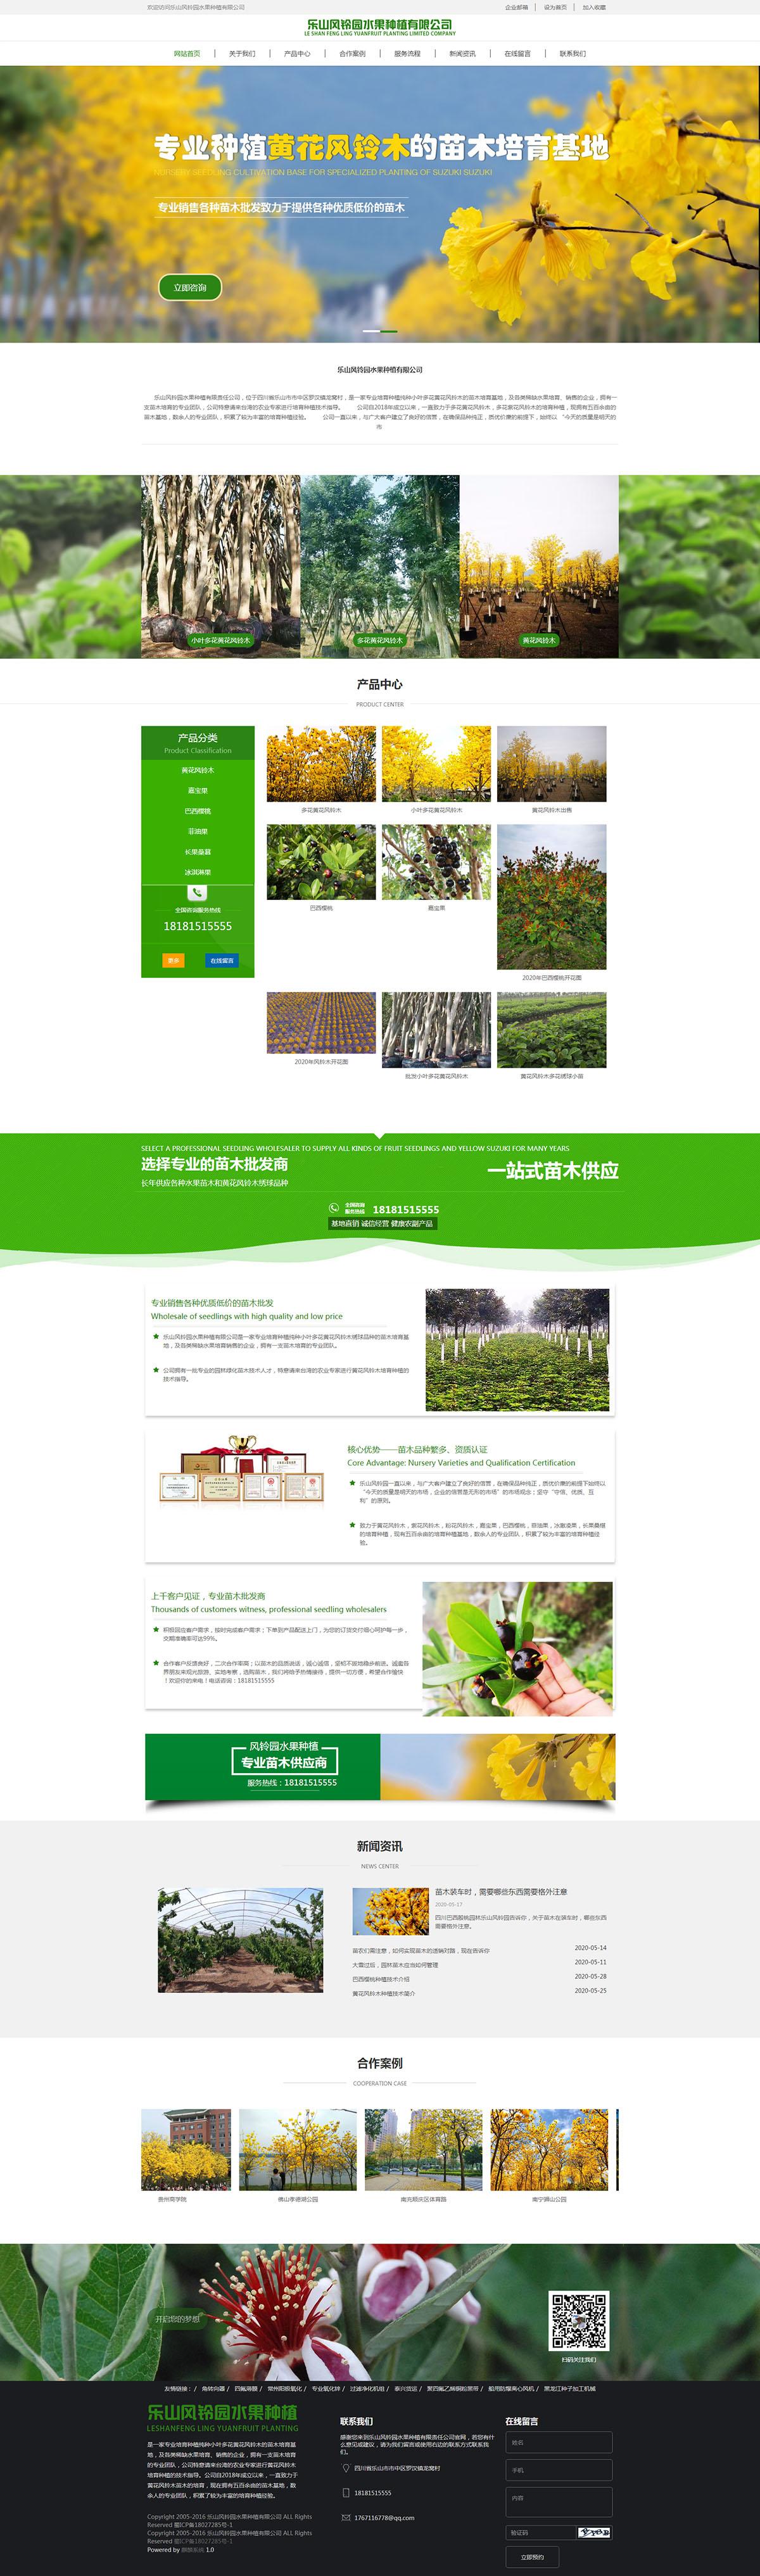 乐山风铃园网站建设